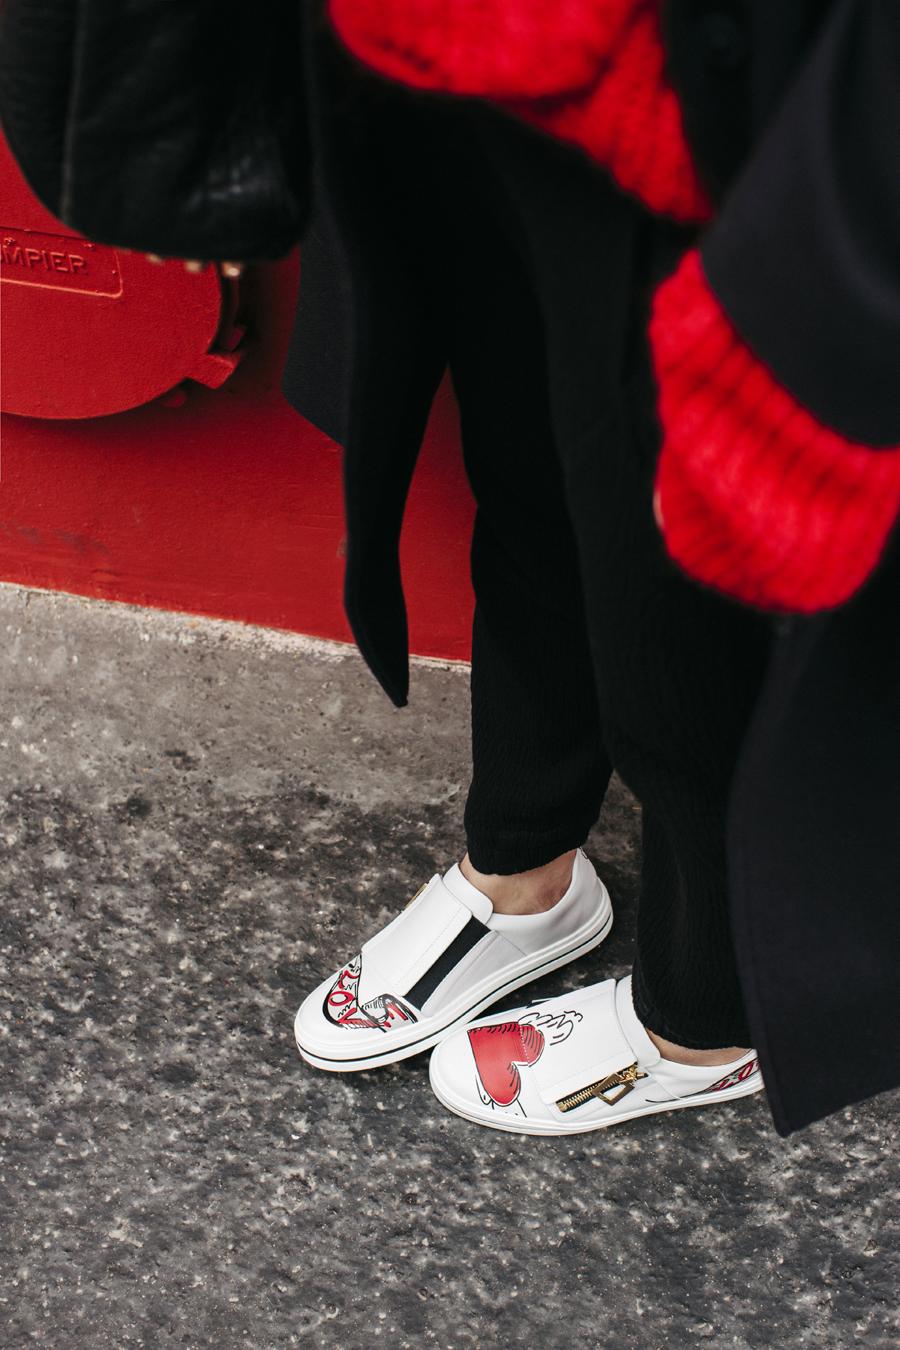 sneakers_roger vivier_8